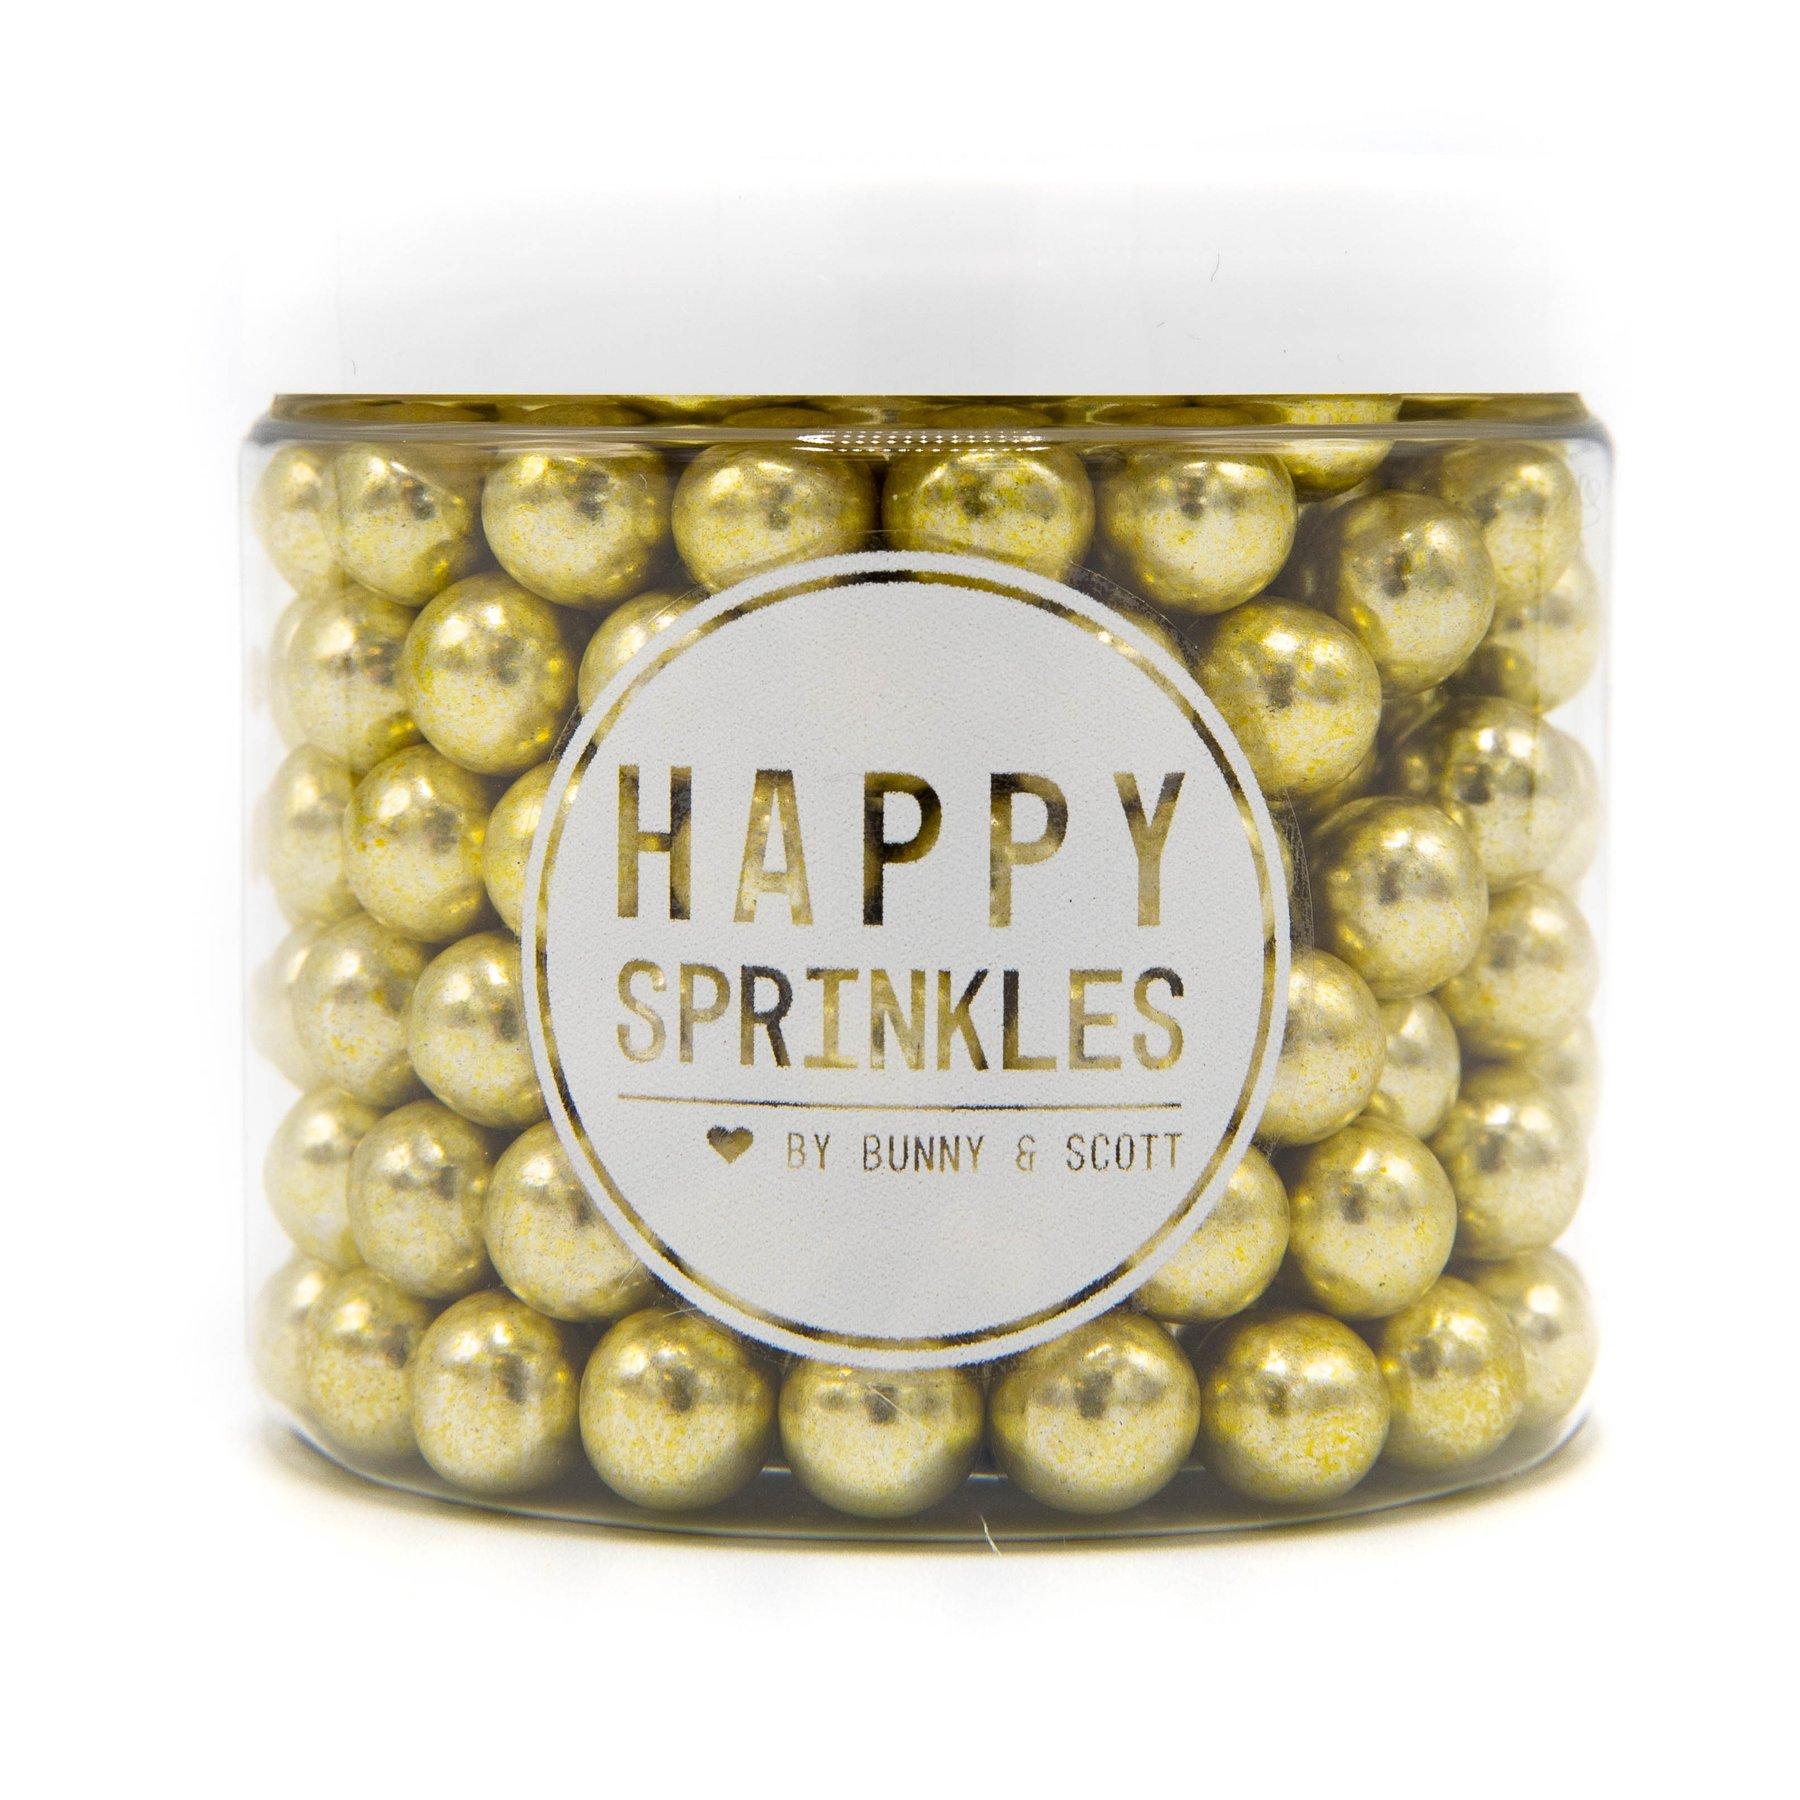 Imagen de producto: https://tienda.postreadiccion.com/img/articulos/secundarias13663-gold-metallic-choco-de-happy-sprinkles-90-g-1.jpg